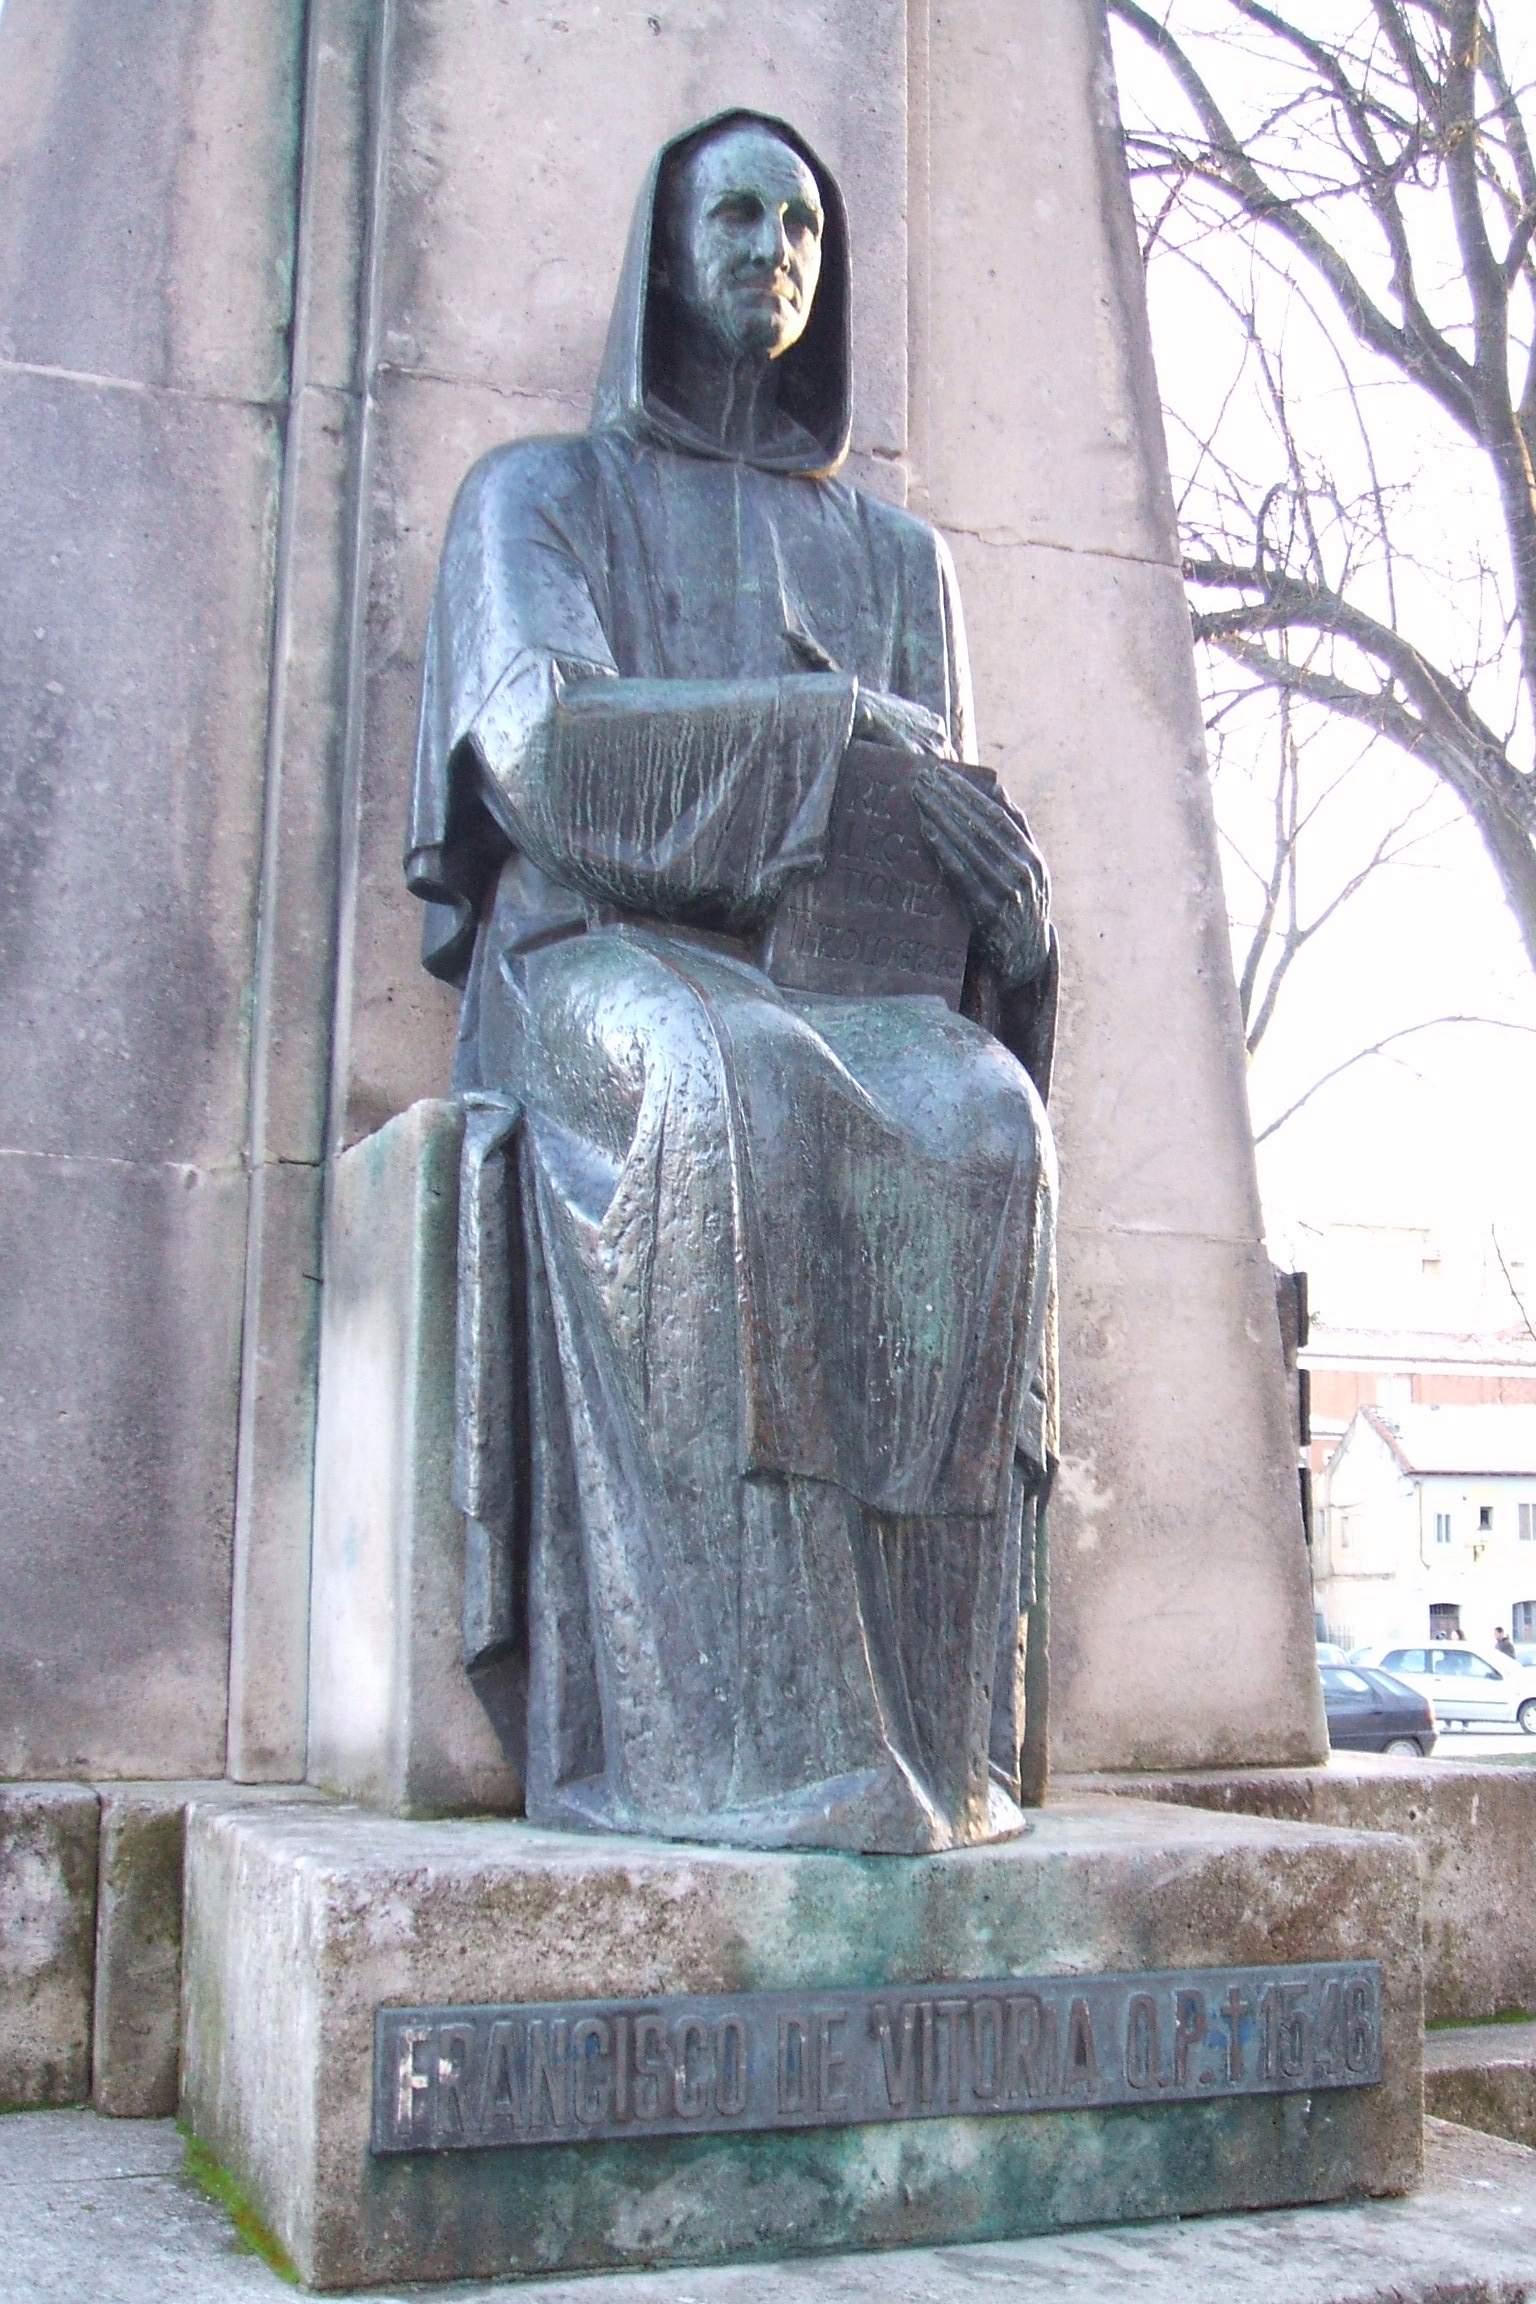 Estatua de Francisco de Vitoria en el monumento a Santo Domingo de Guzmán en [[Burgos